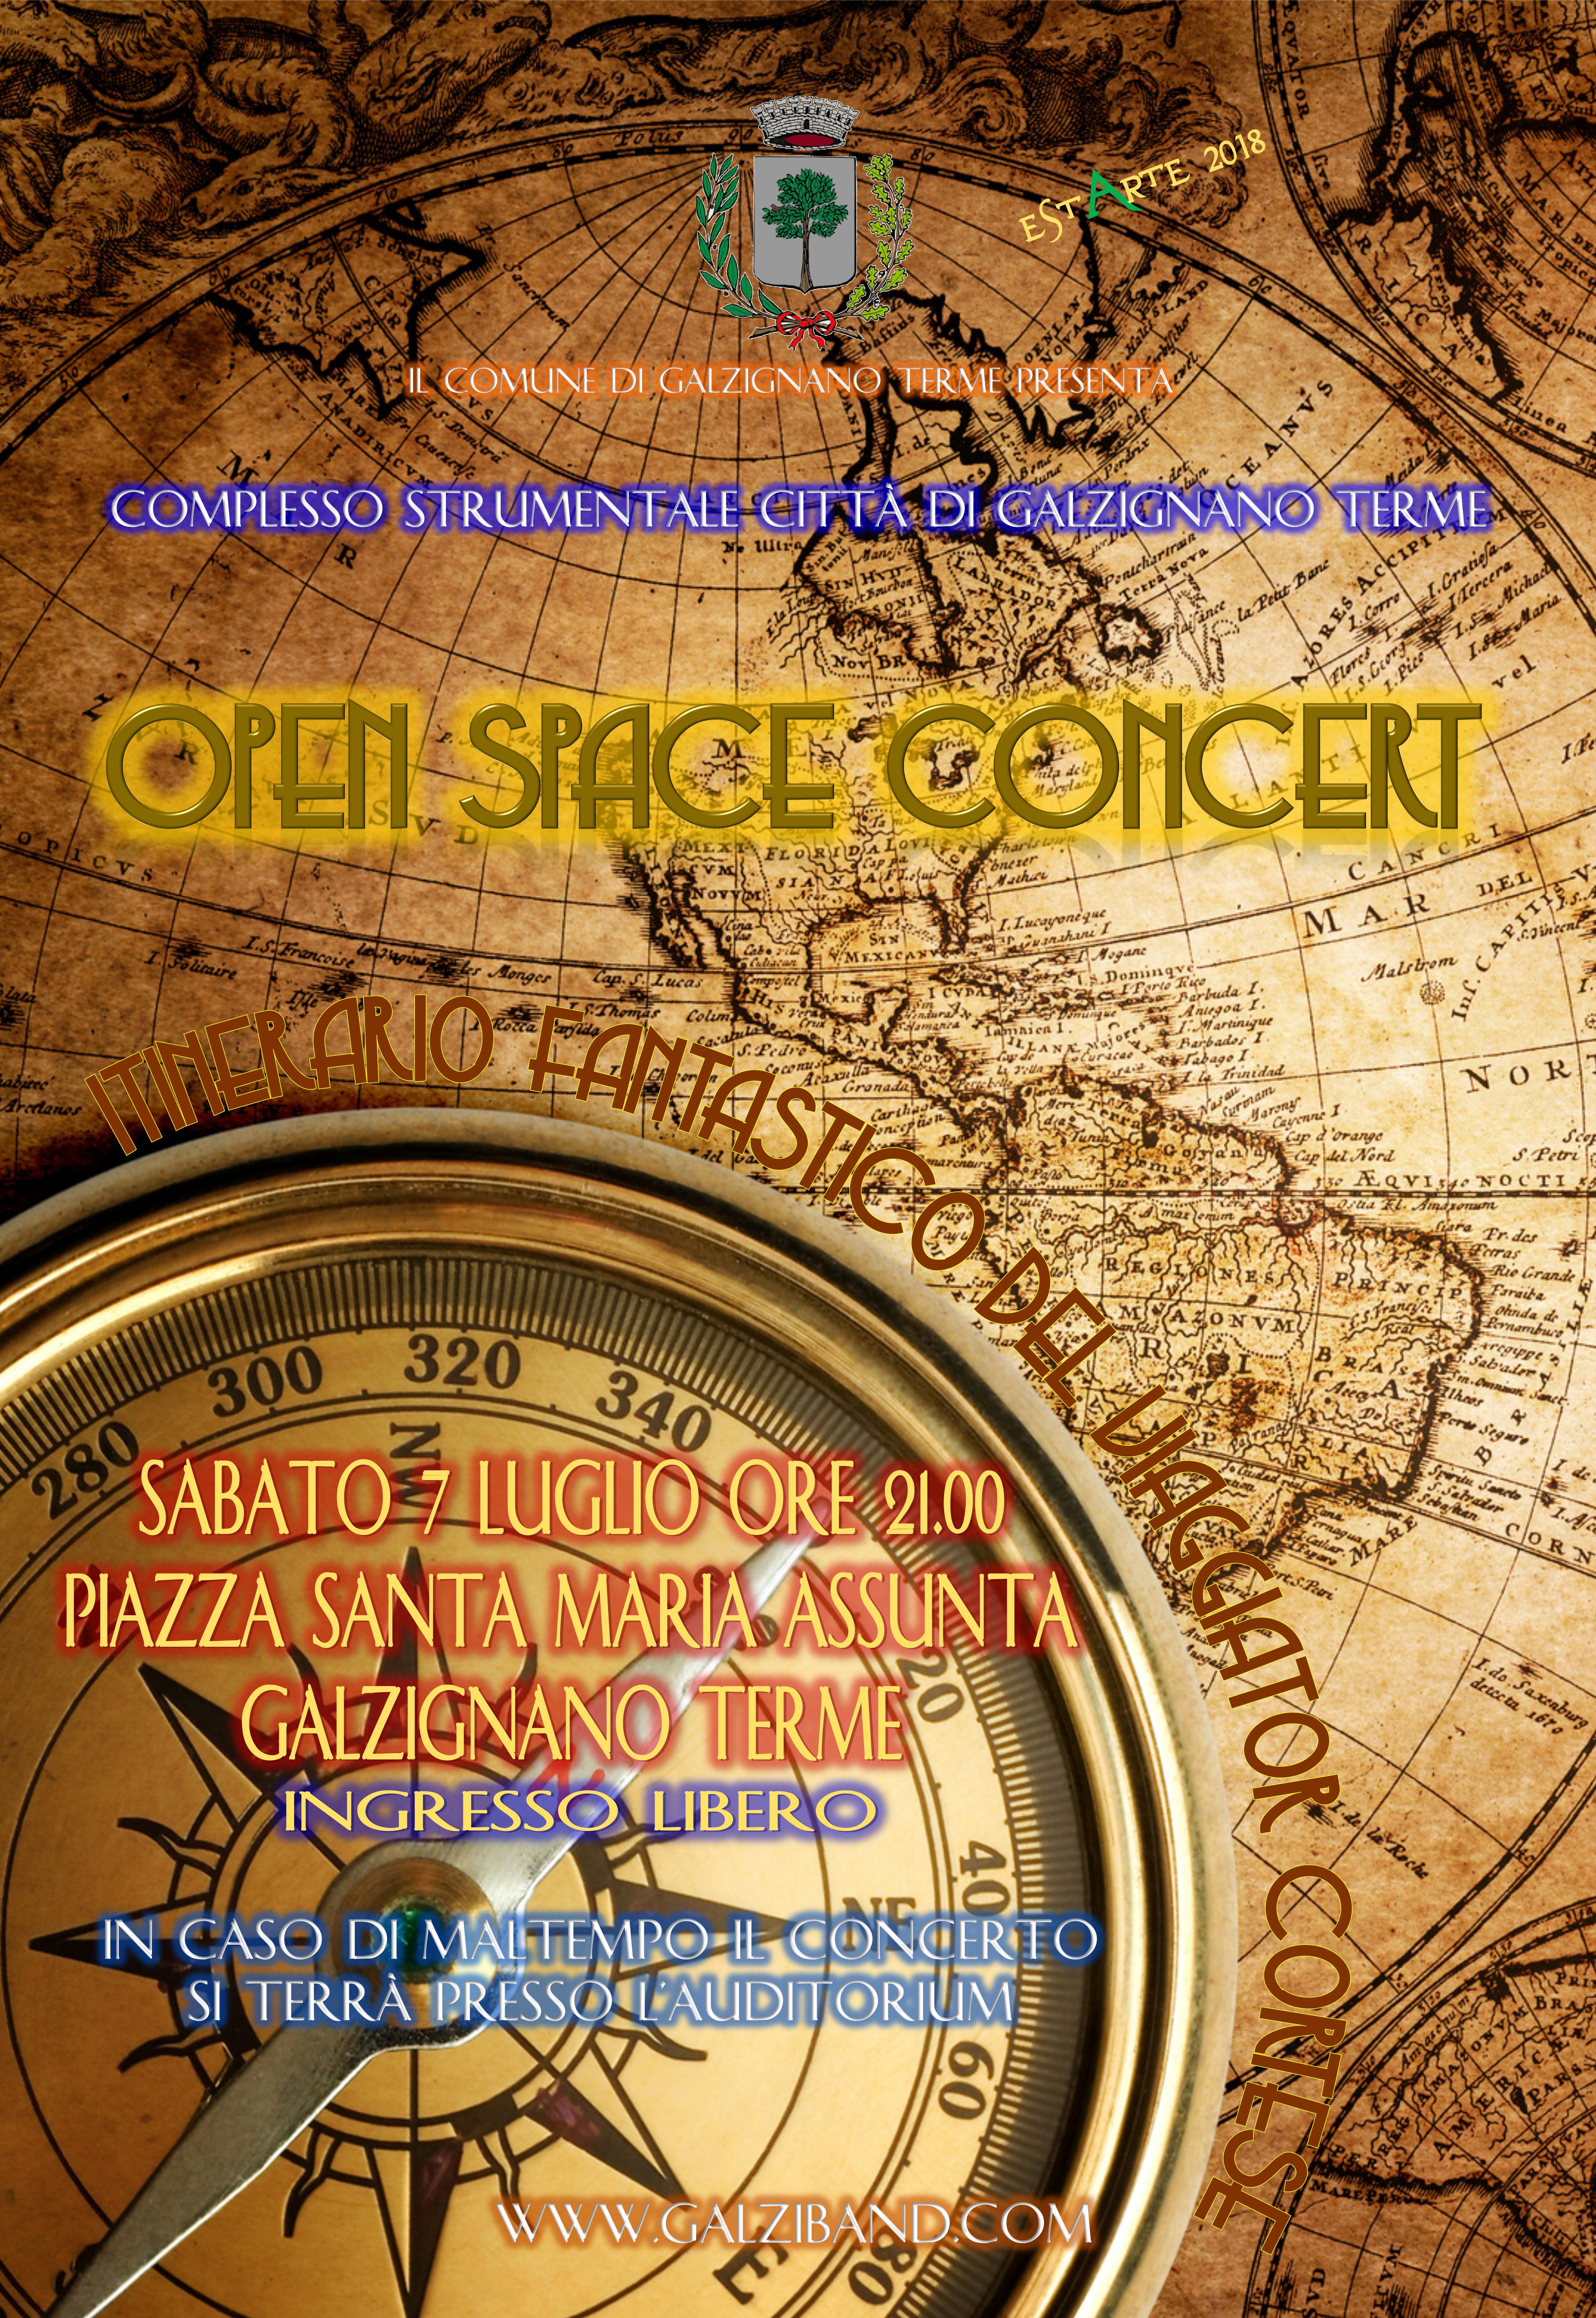 OPEN SPACE CONCERT 07.07.2018